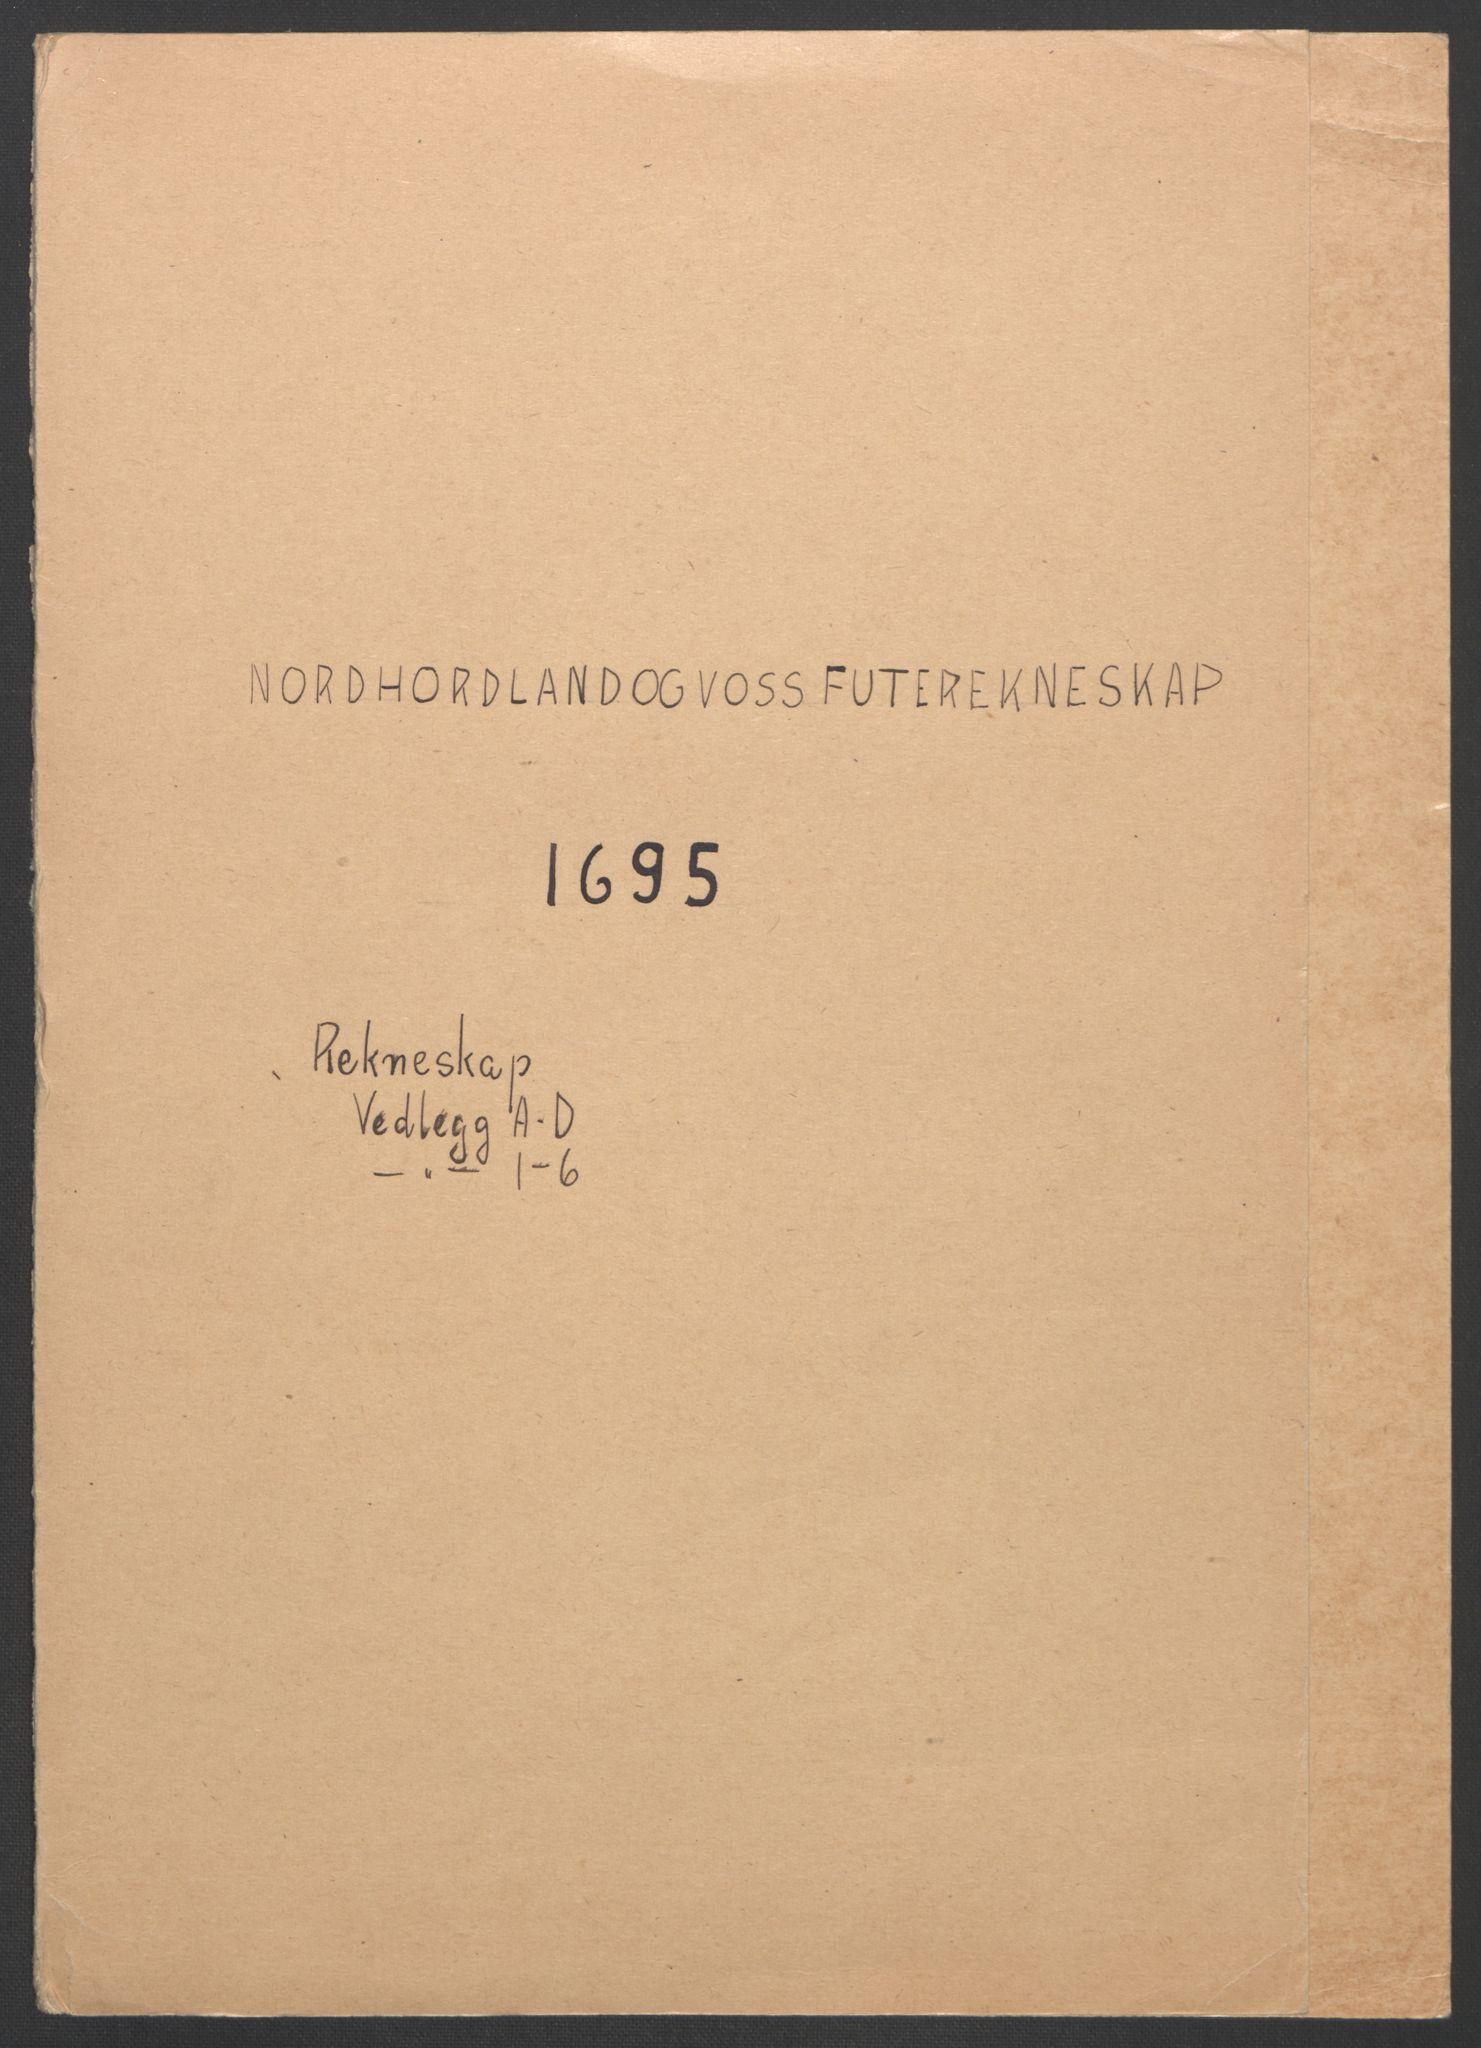 RA, Rentekammeret inntil 1814, Reviderte regnskaper, Fogderegnskap, R51/L3183: Fogderegnskap Nordhordland og Voss, 1695-1697, s. 2